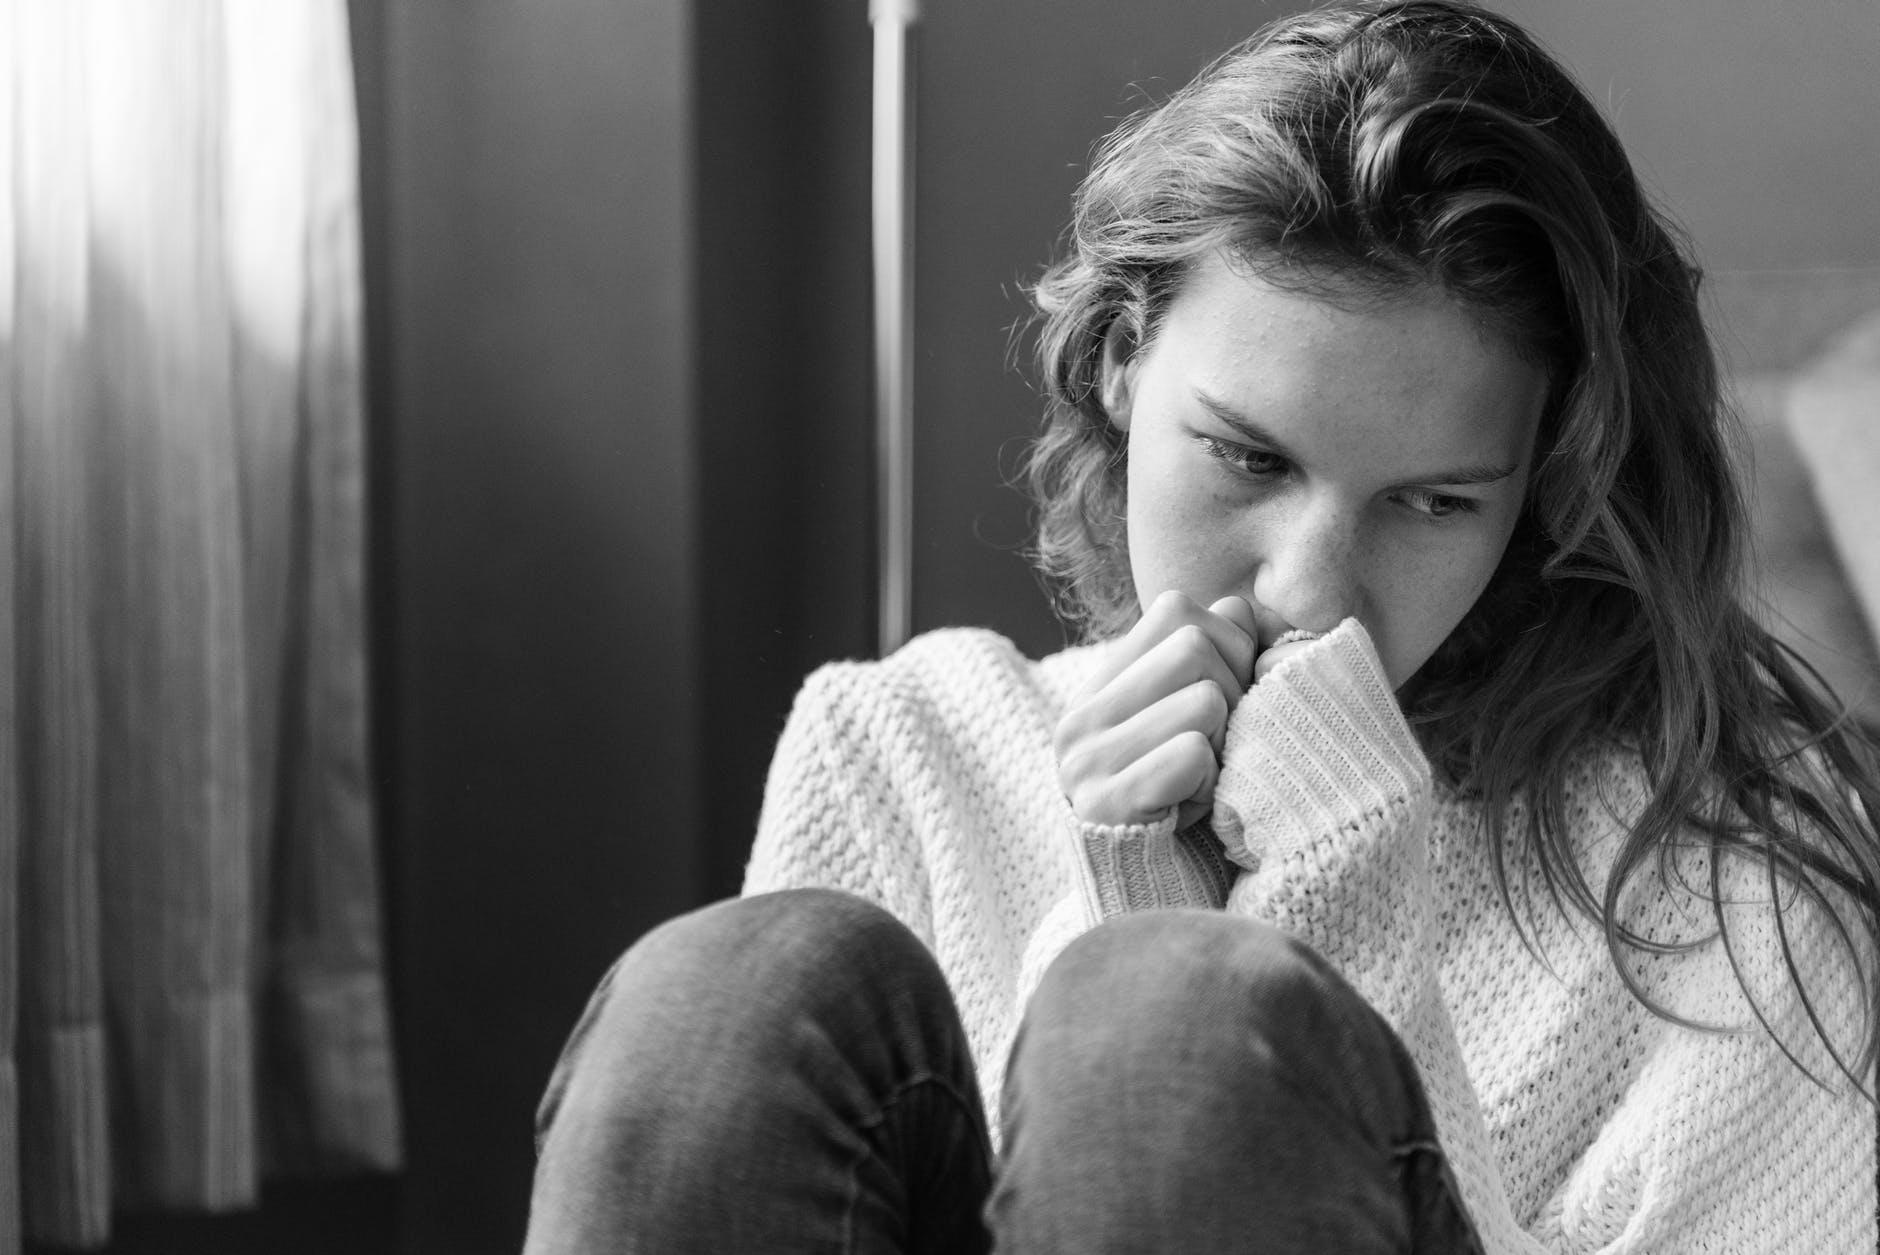 zena ucenik trema strah zabrinutost skola problem